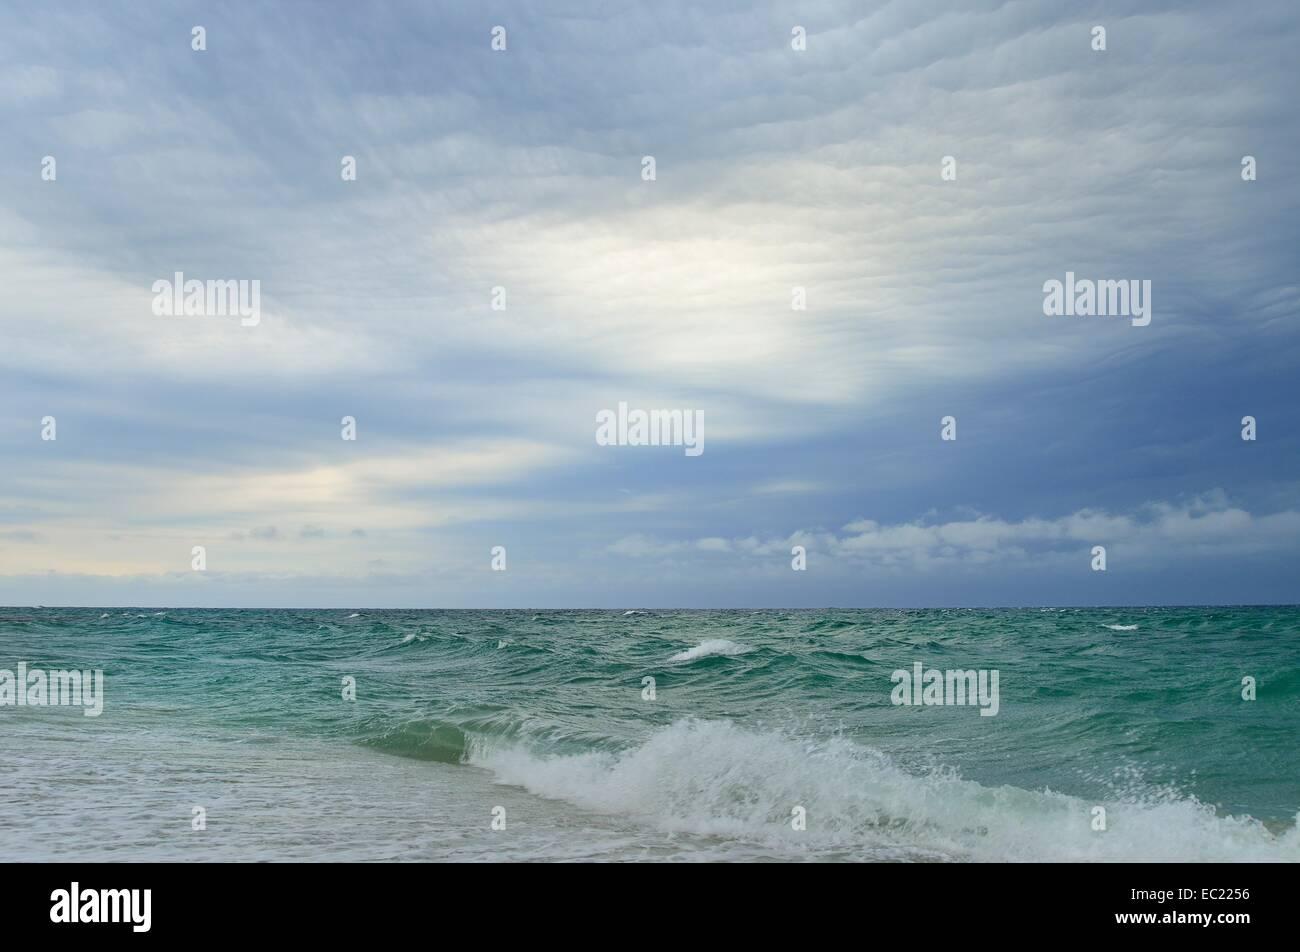 Les nuages de tempête sur la mer agitée, Mari Ermi, péninsule de Sinis, Cagliari, Sardaigne, Italie Photo Stock